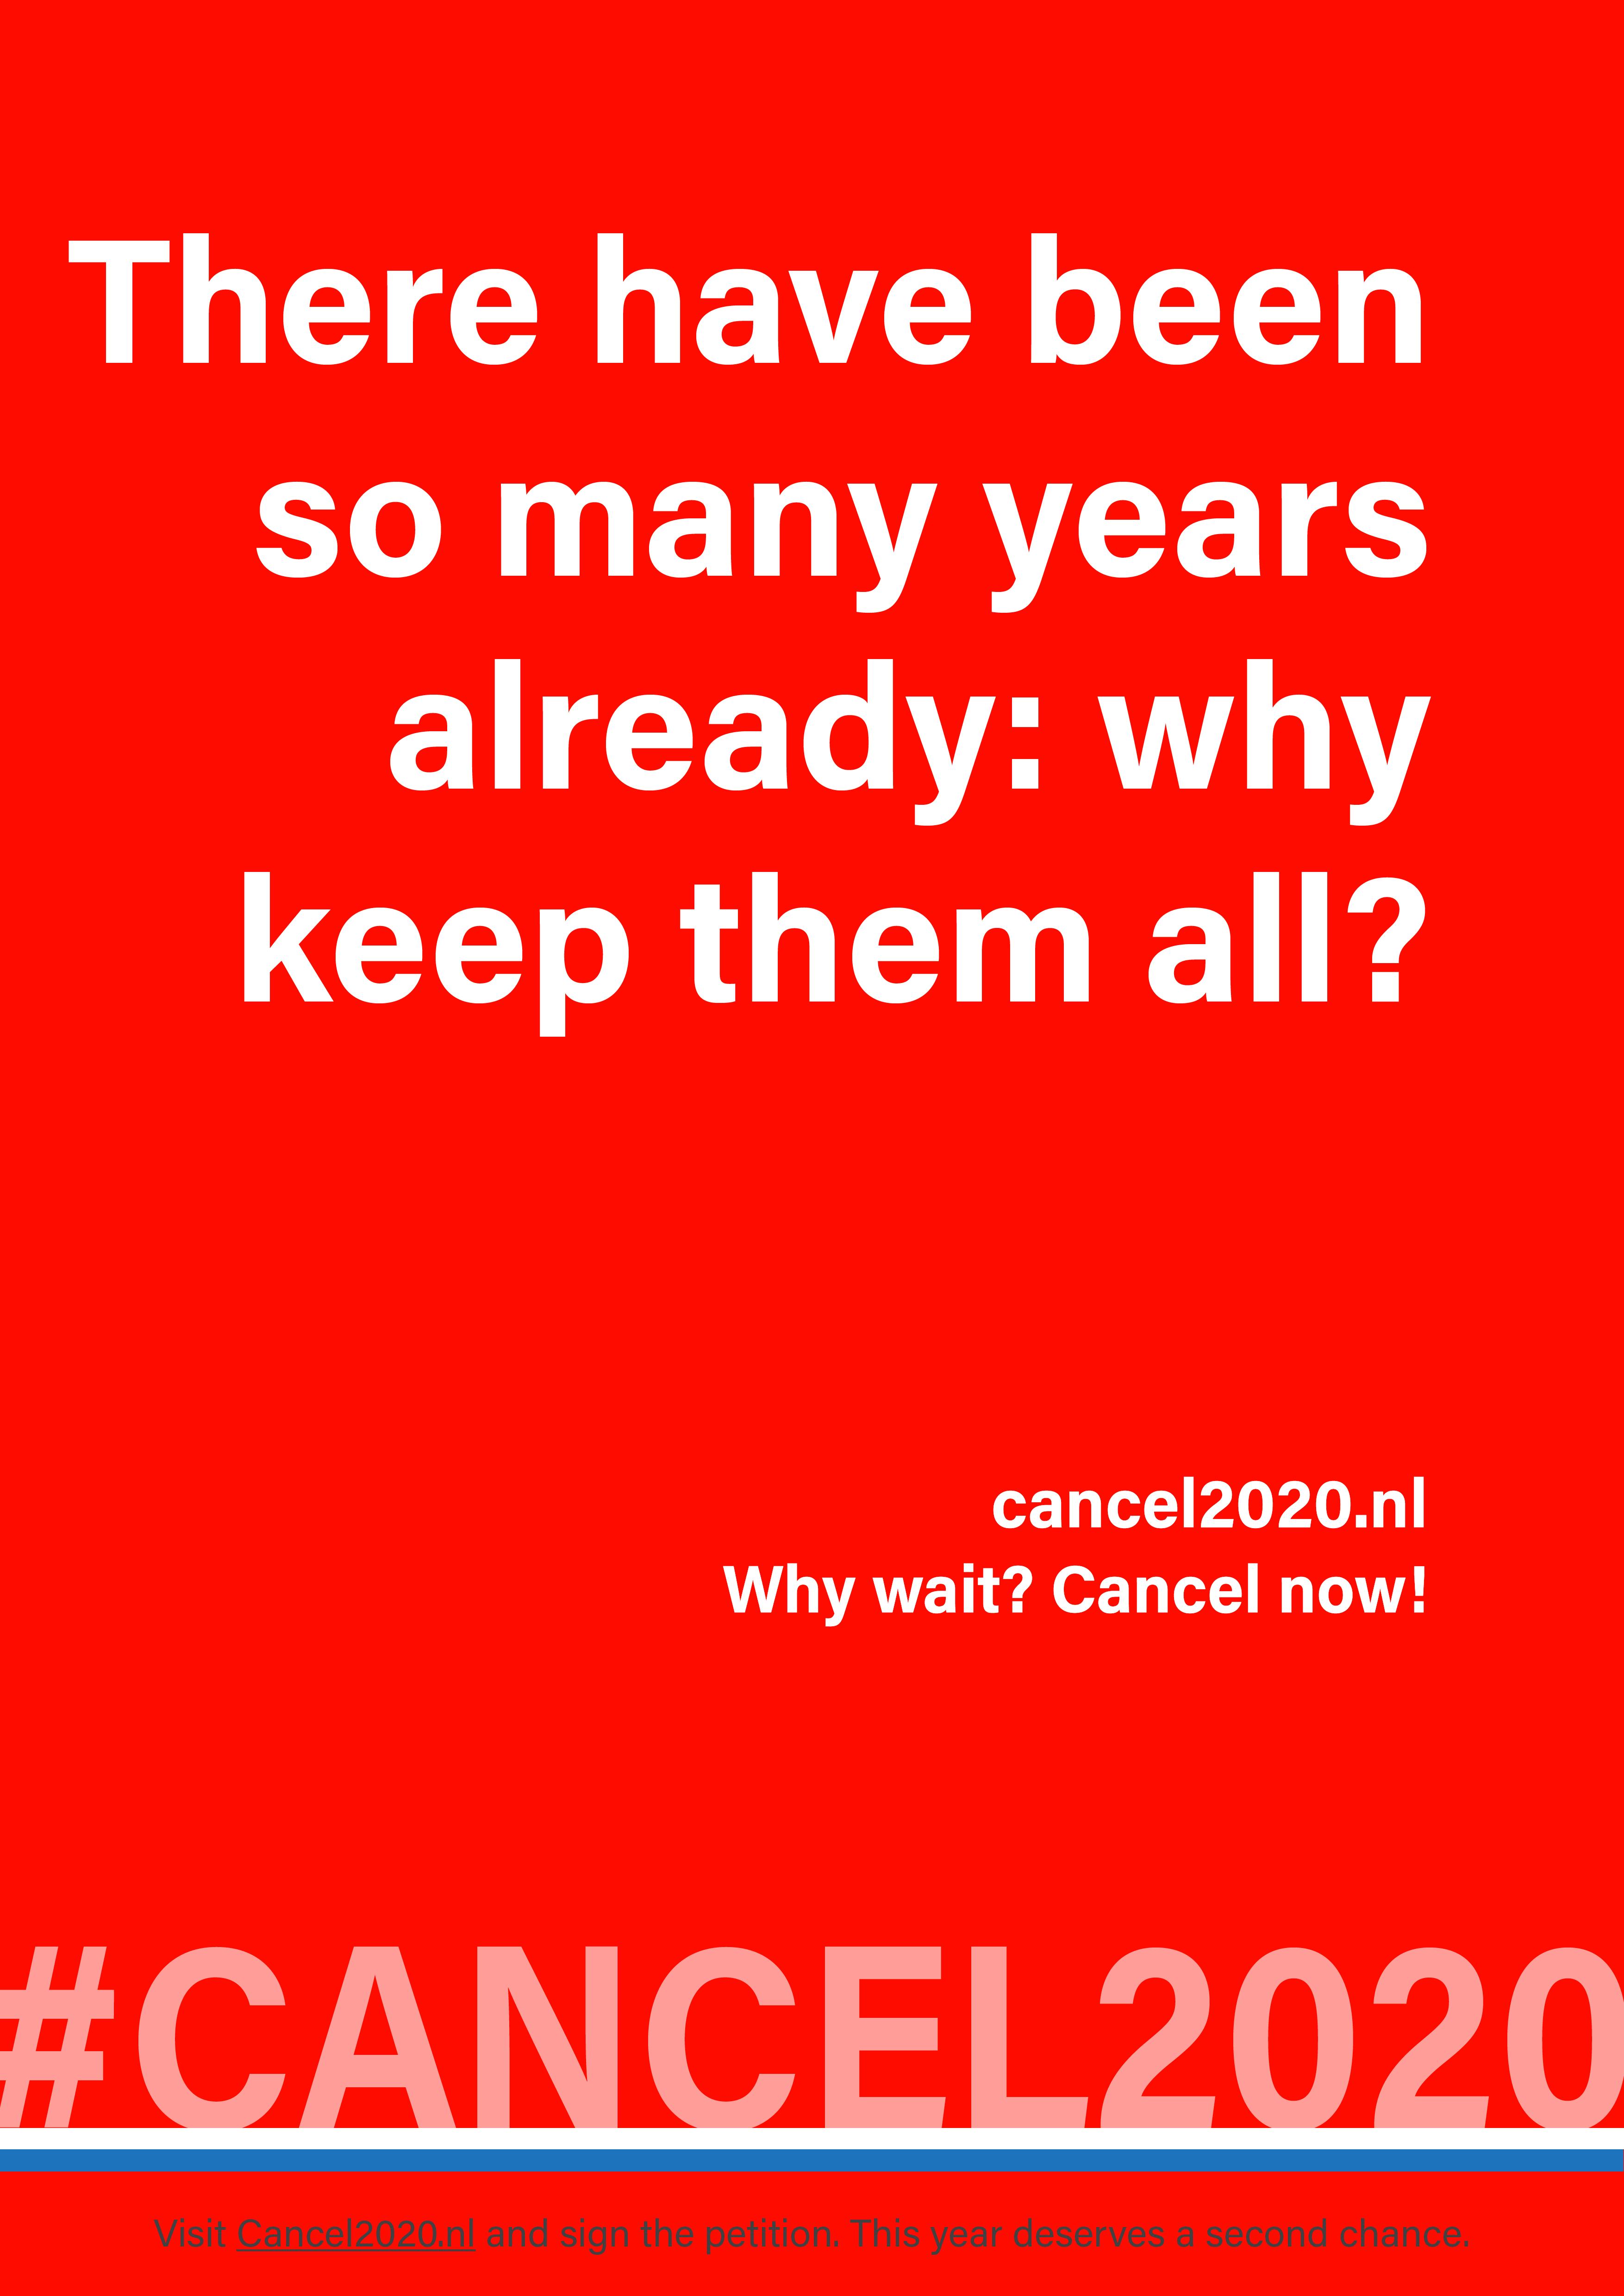 Cancel 2020 quotes-12